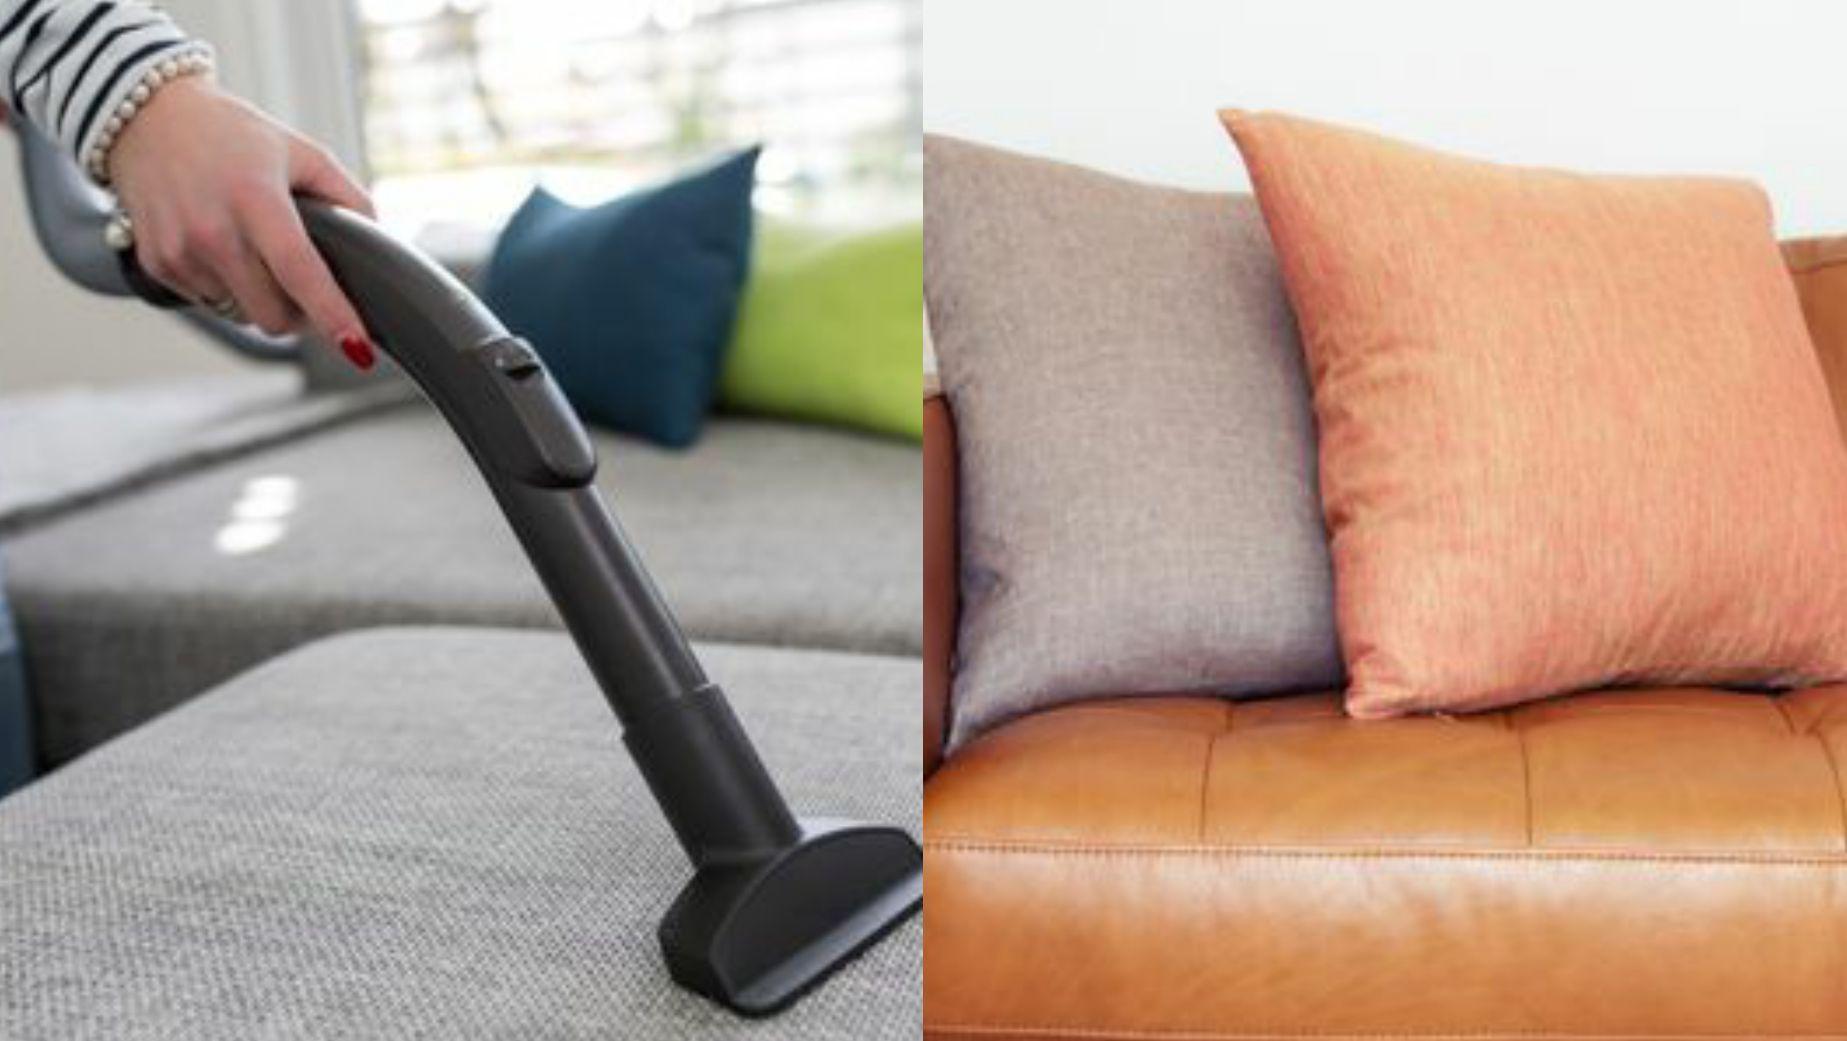 634a9240 SAMLER STØV: Ru overflater, som på sofaen til venstre, samler mer støv enn  glatte overflater. De glatte er dessuten enklere å rengjøre, ifølge  eksperten.